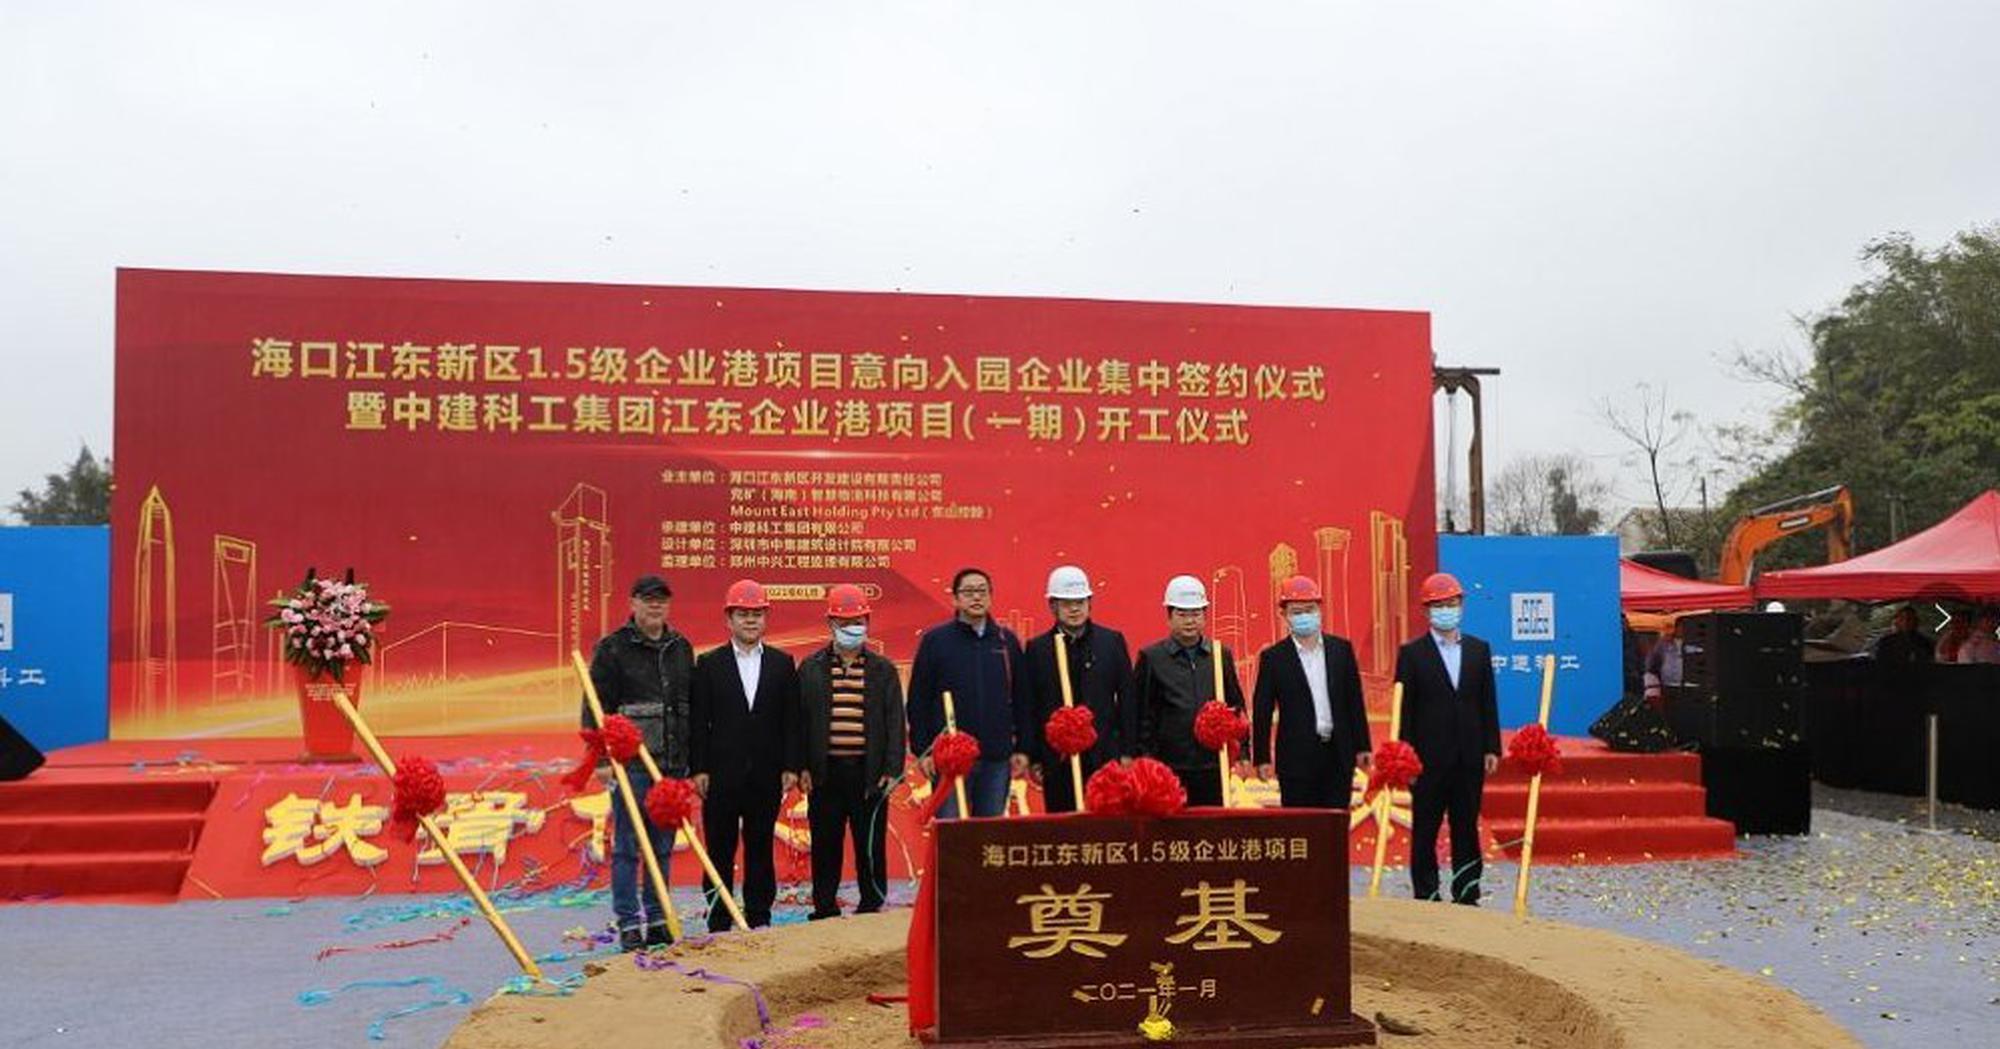 值得期待!海南首个1.5级企业港举行集中签约仪式